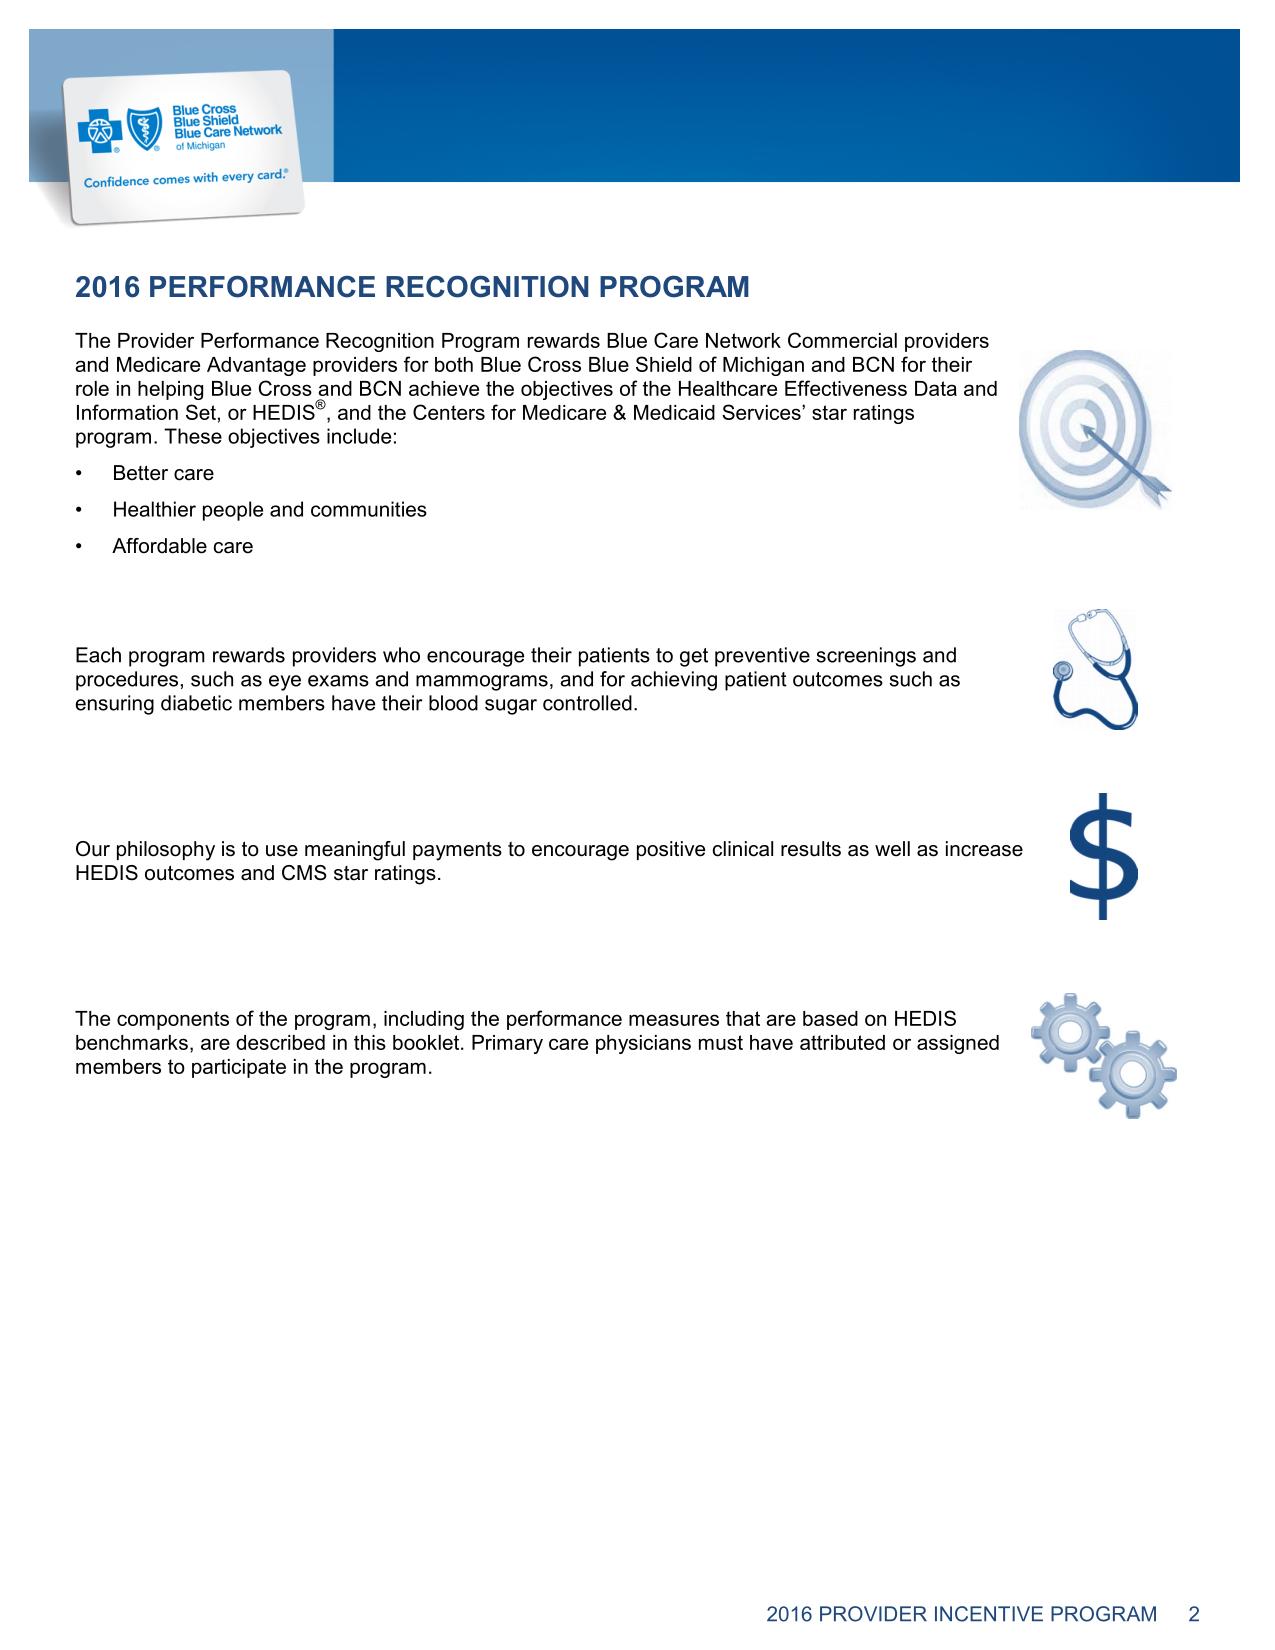 Vaccine Guide - 2016 BCBS Michigan provider incentive program